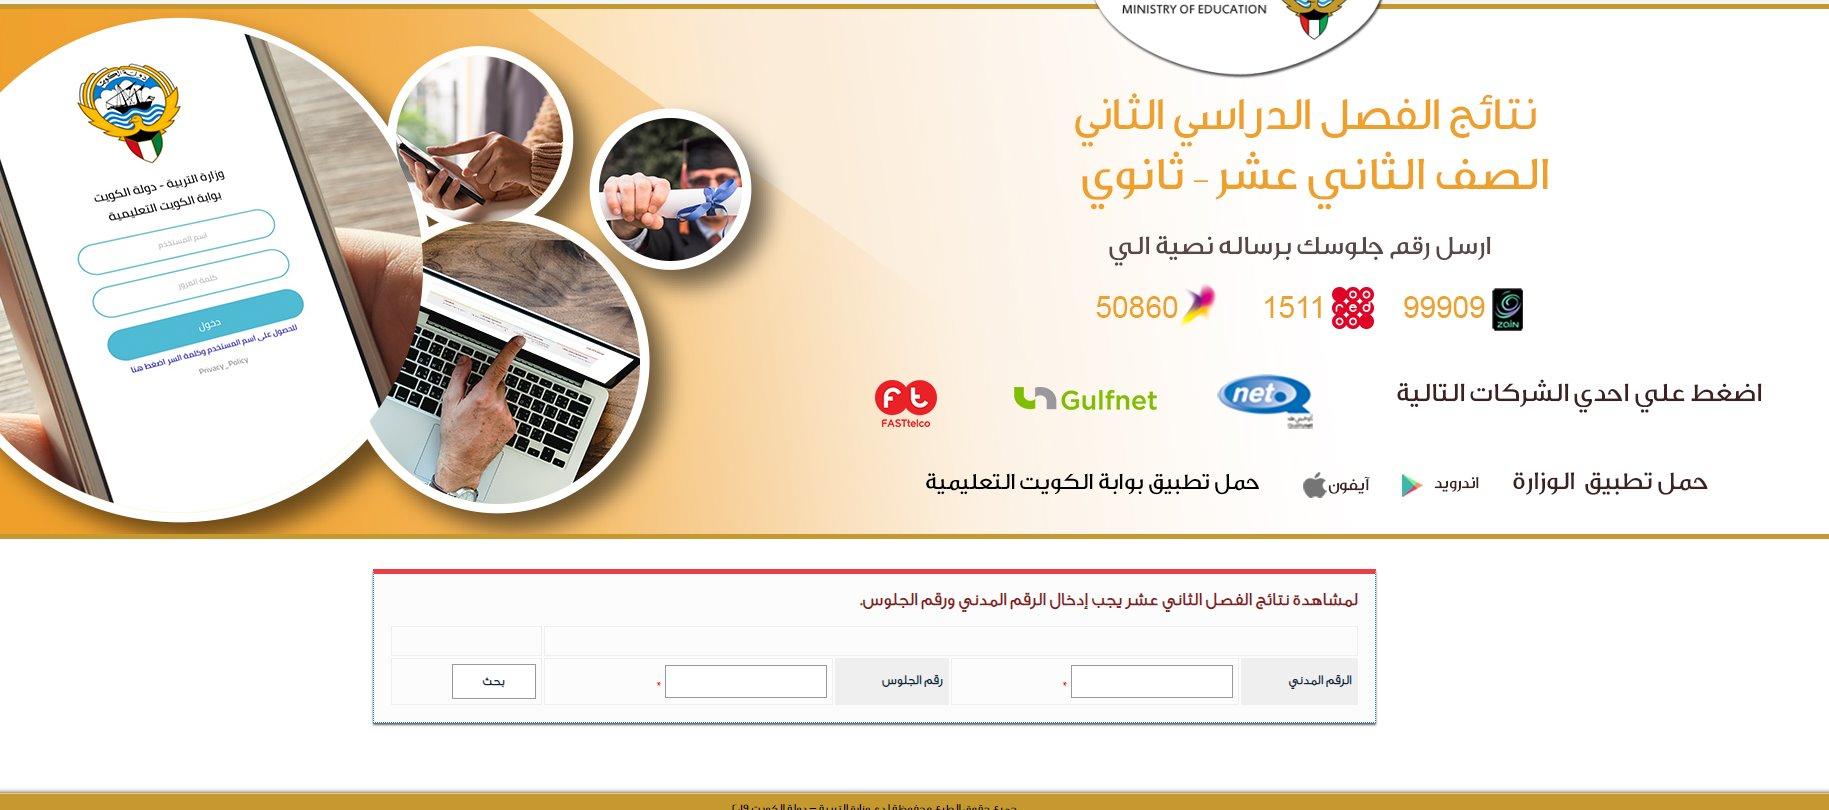 نتيجة الثانوية العامة الكويت 2017 رابط مباشر للاستعلام